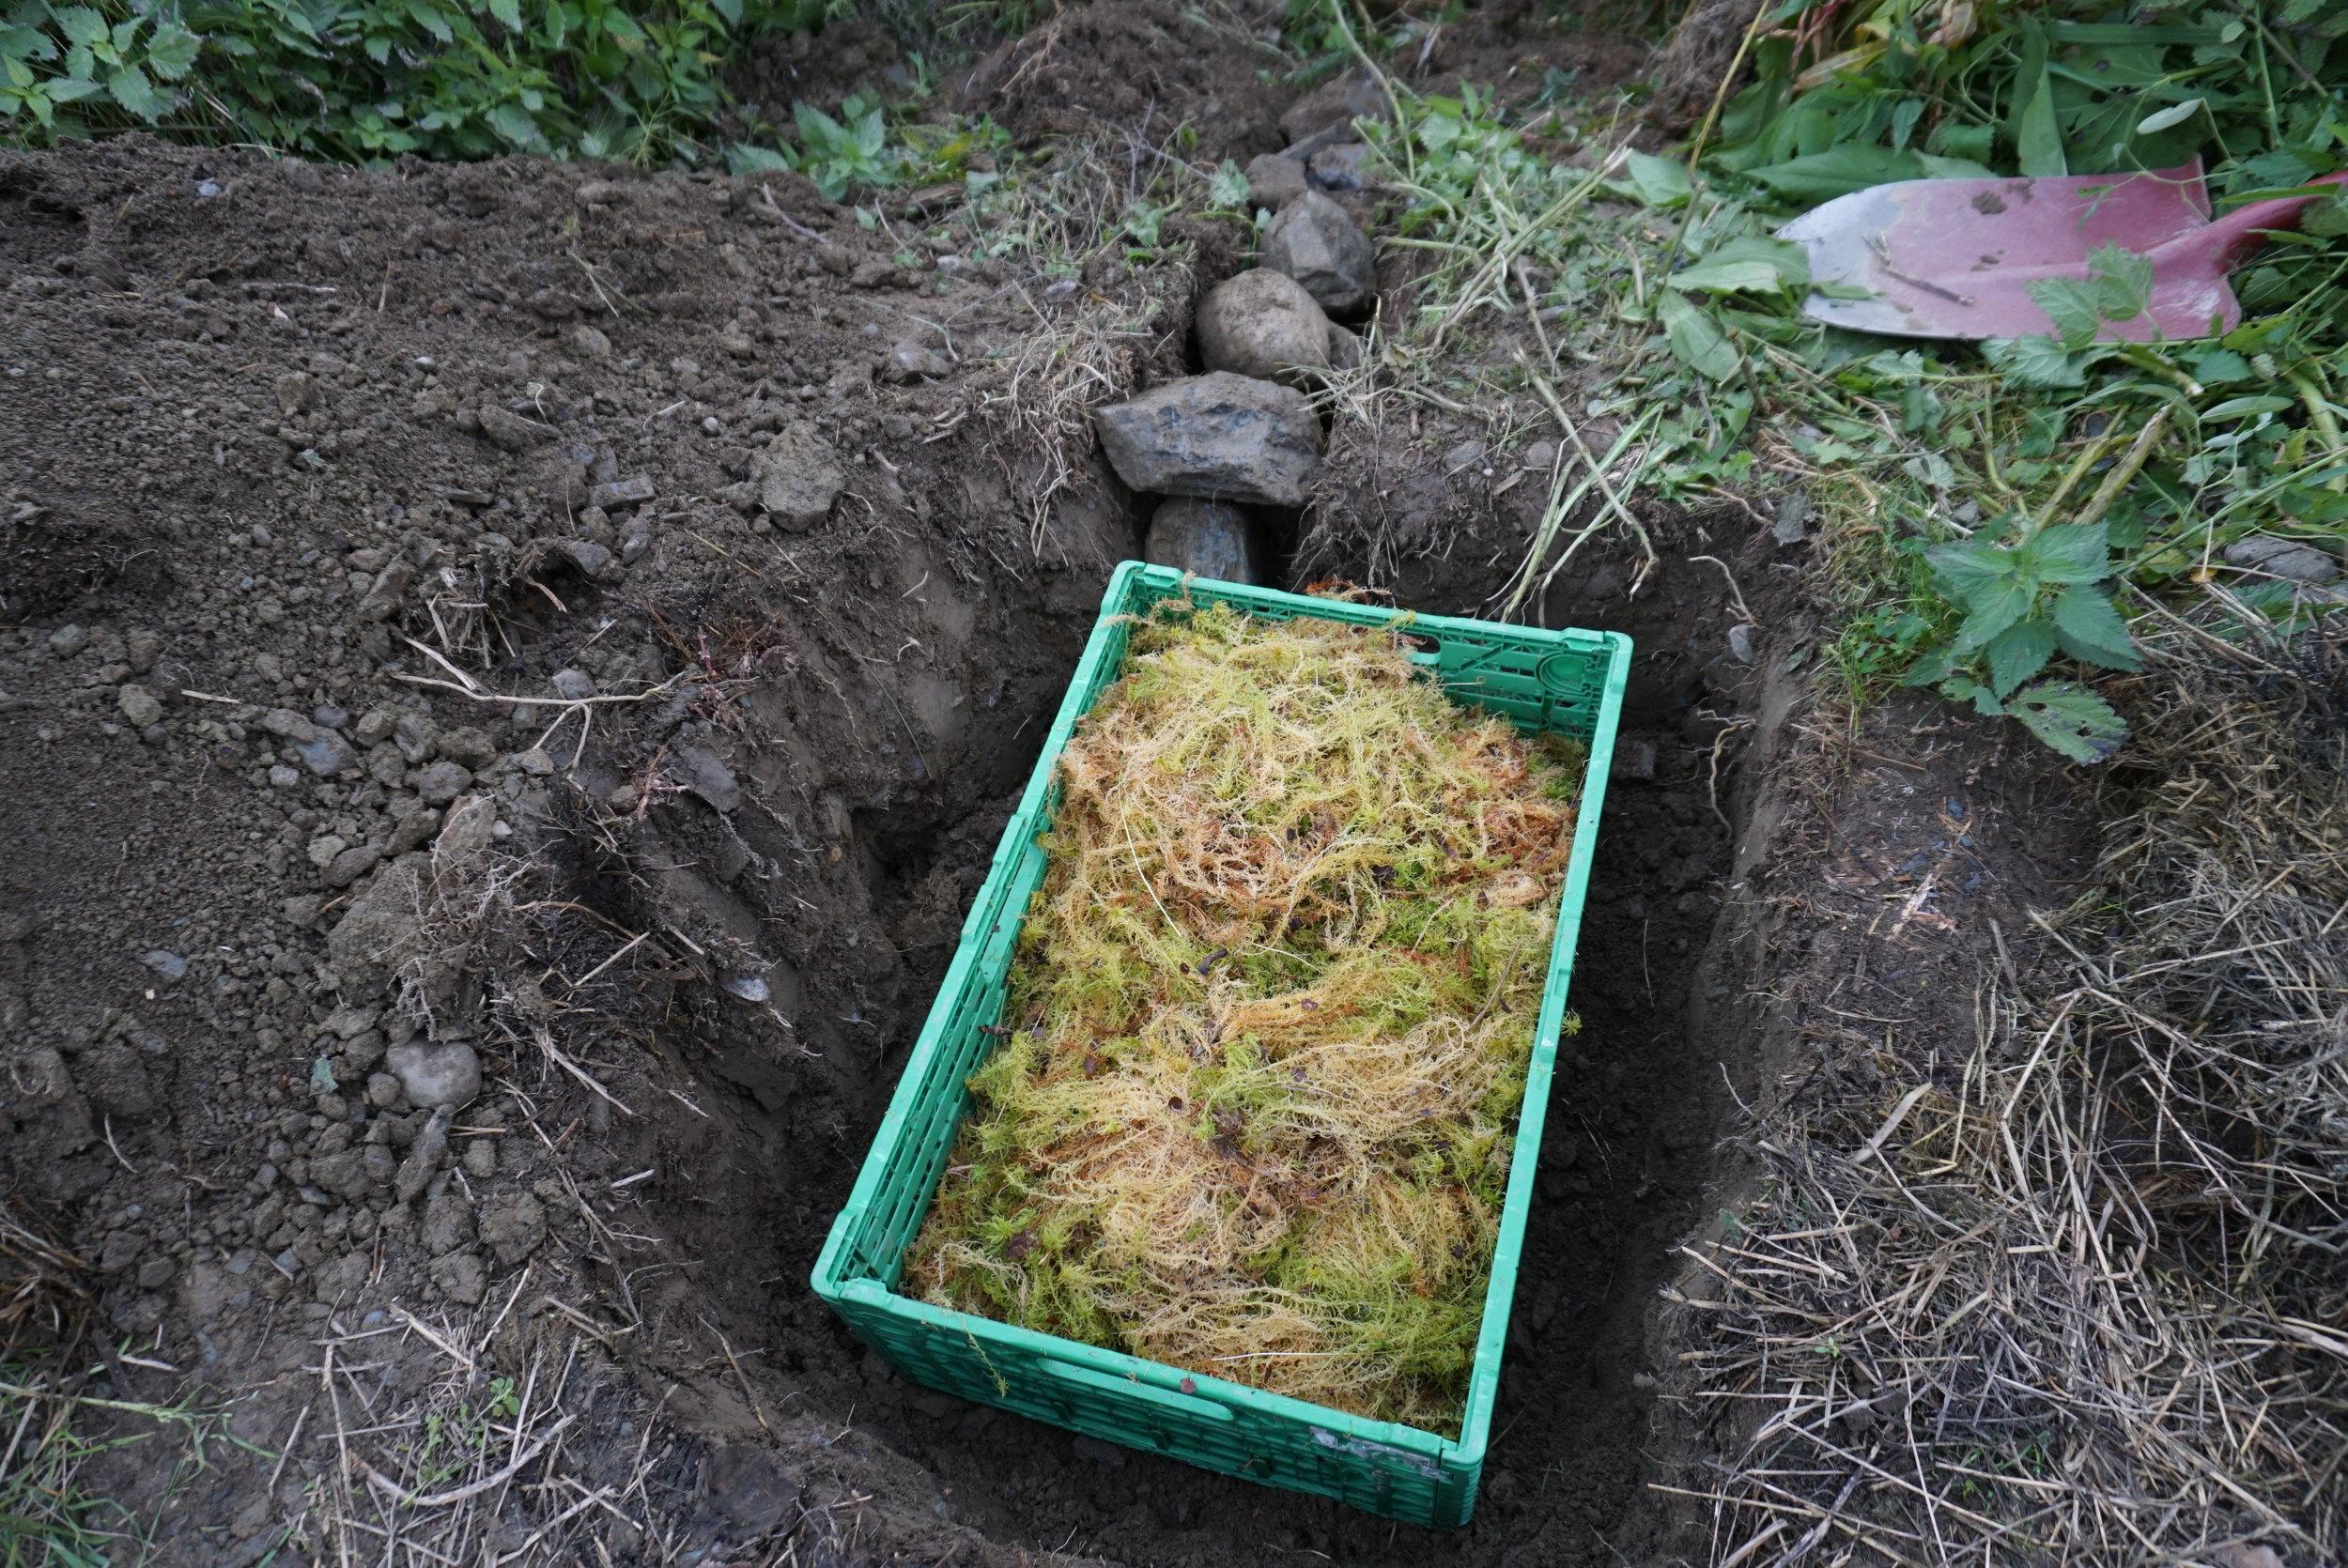 Lagringsgropen er lagt ut mot en skråning, med grøft for drenering